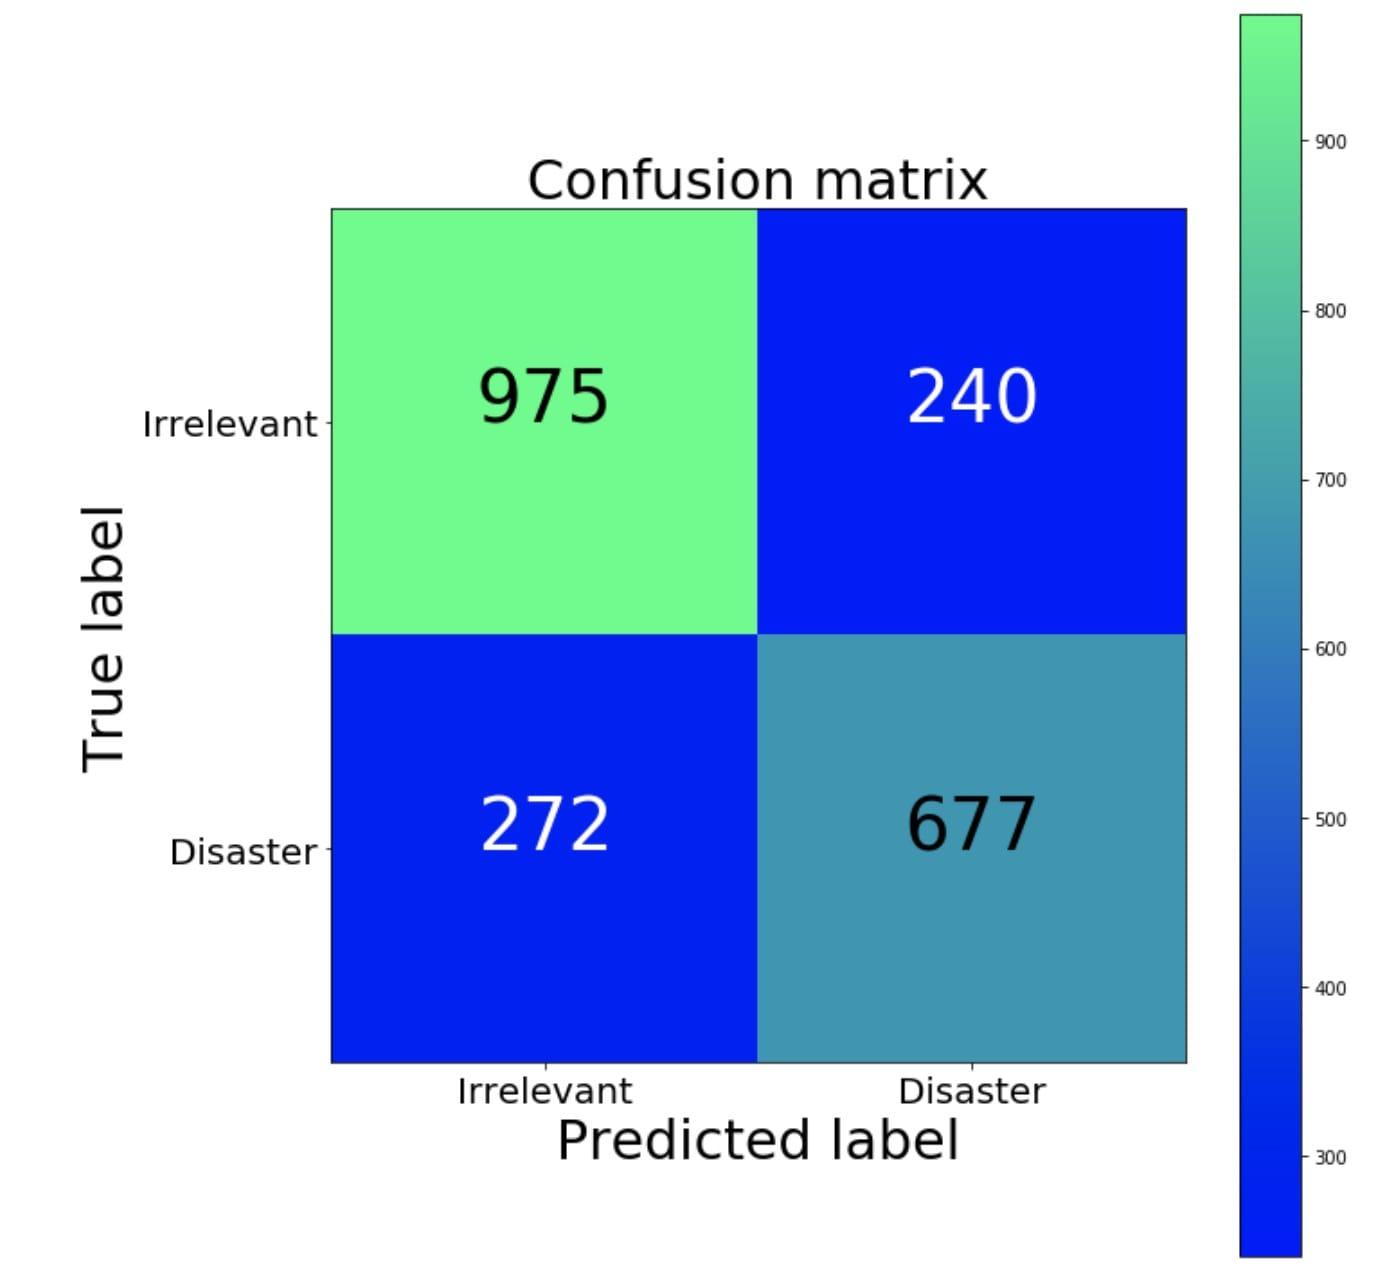 混淆矩阵(绿色比例高,蓝色低)